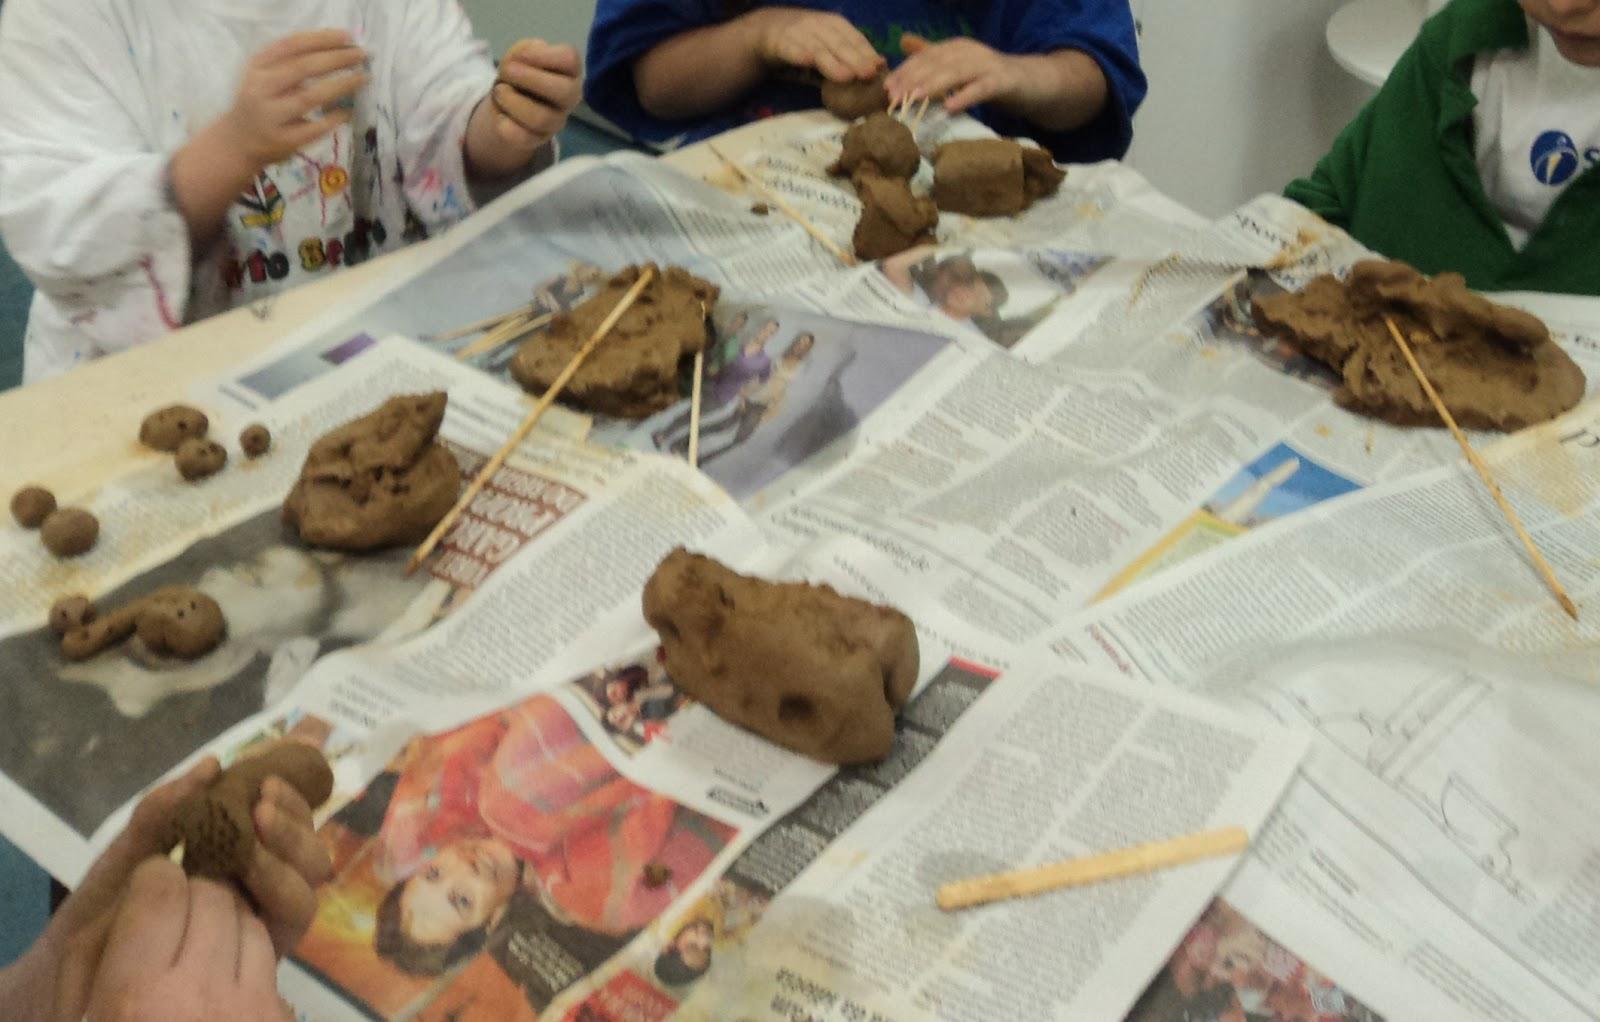 Artesanato Maceio File ~ Cultura Infantil arte, história e brincadeira QUE TAL ARGILA?